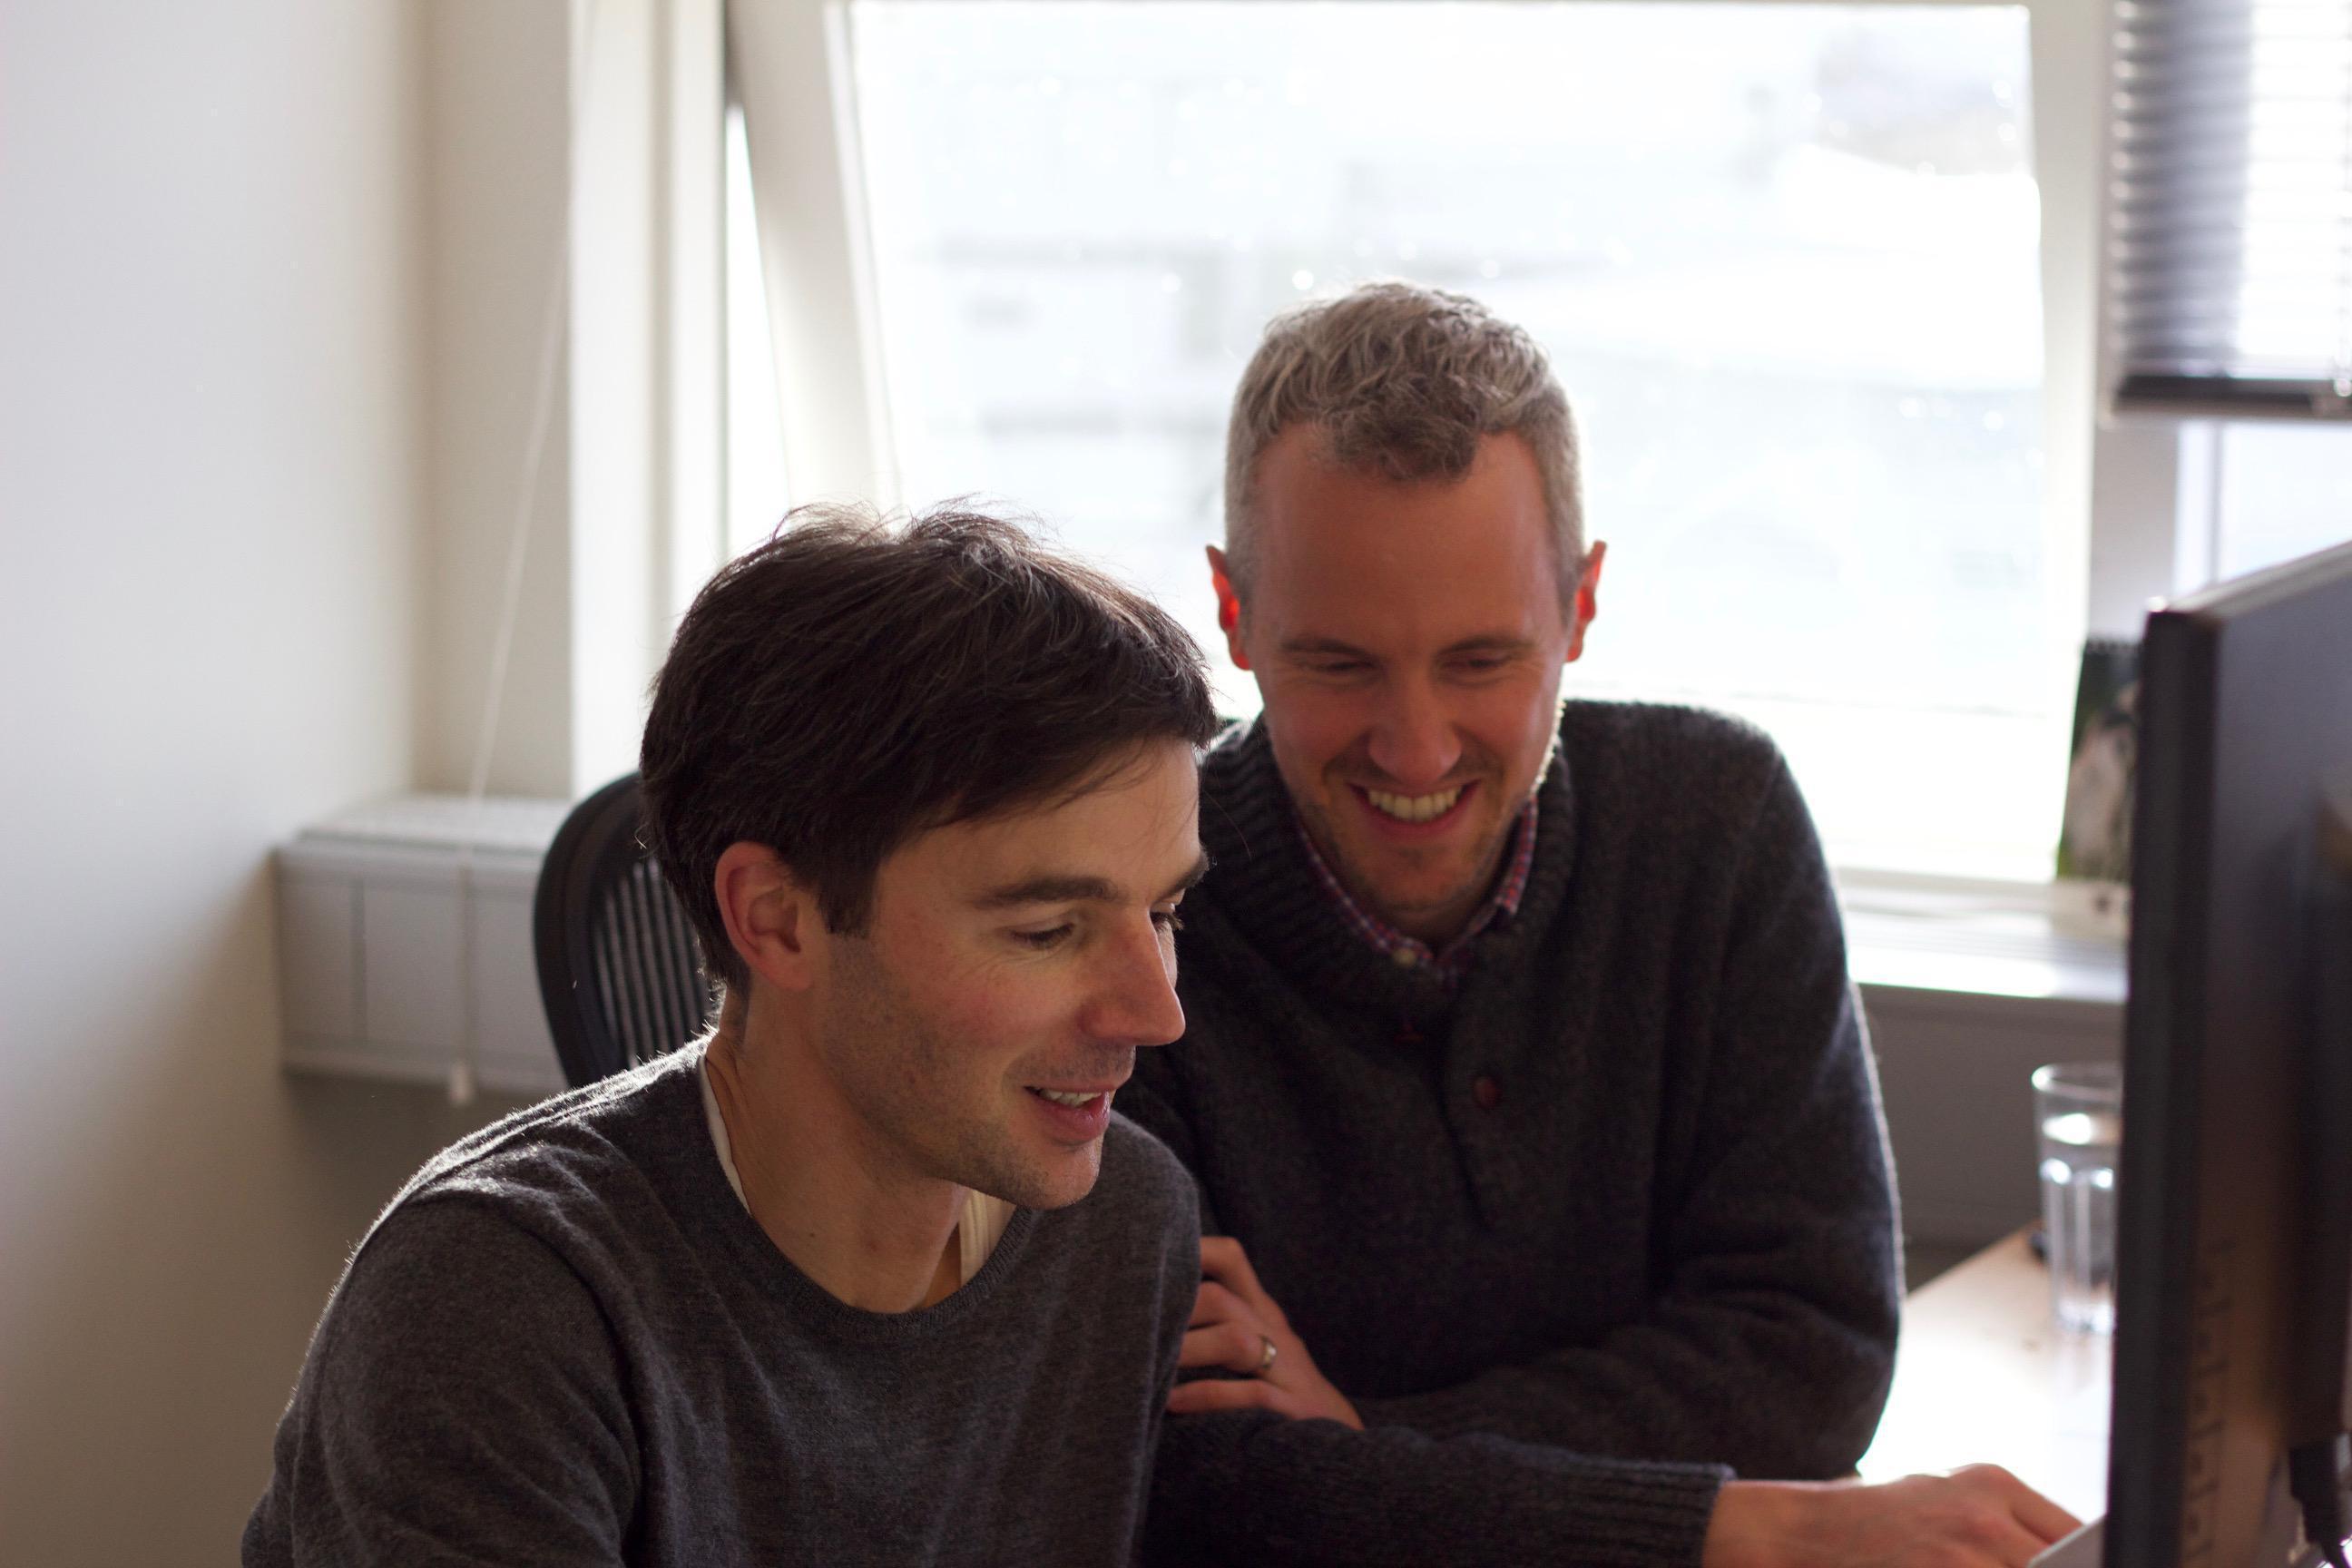 Tobias & Tom in Reykjavik